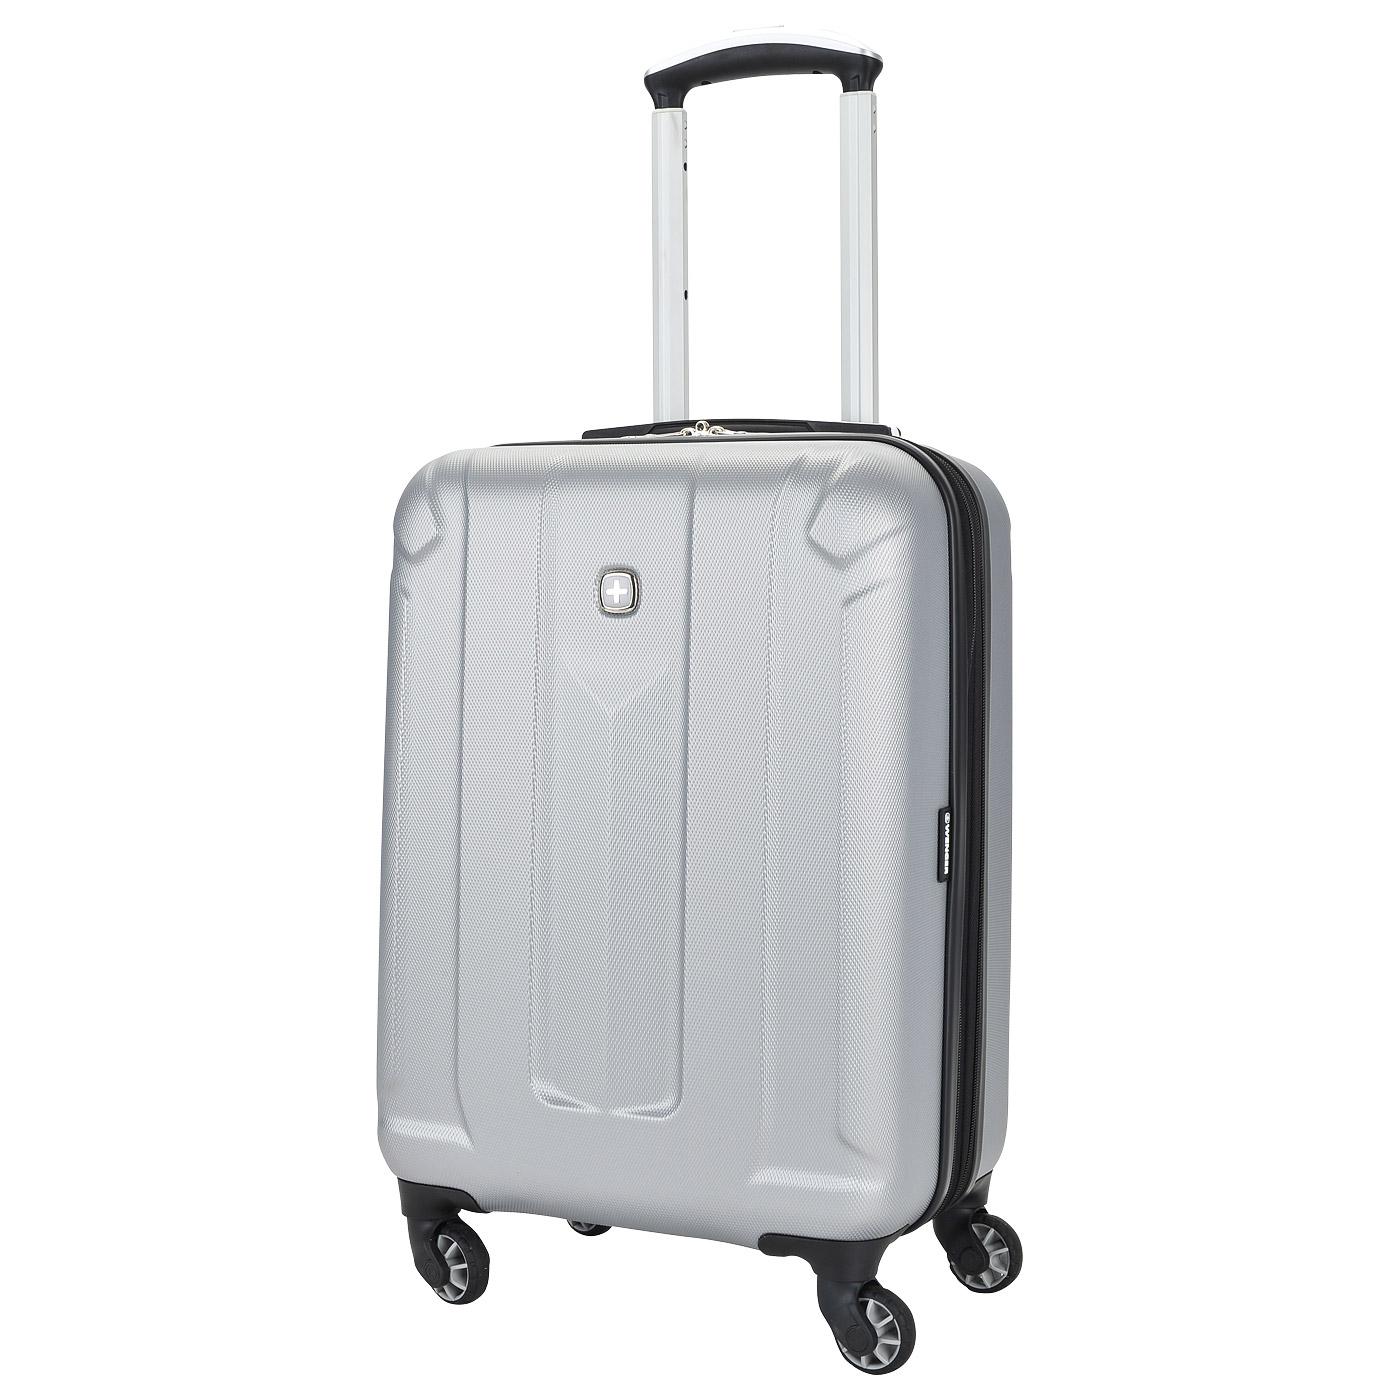 Небольшой чемодан на колесах купить недорого